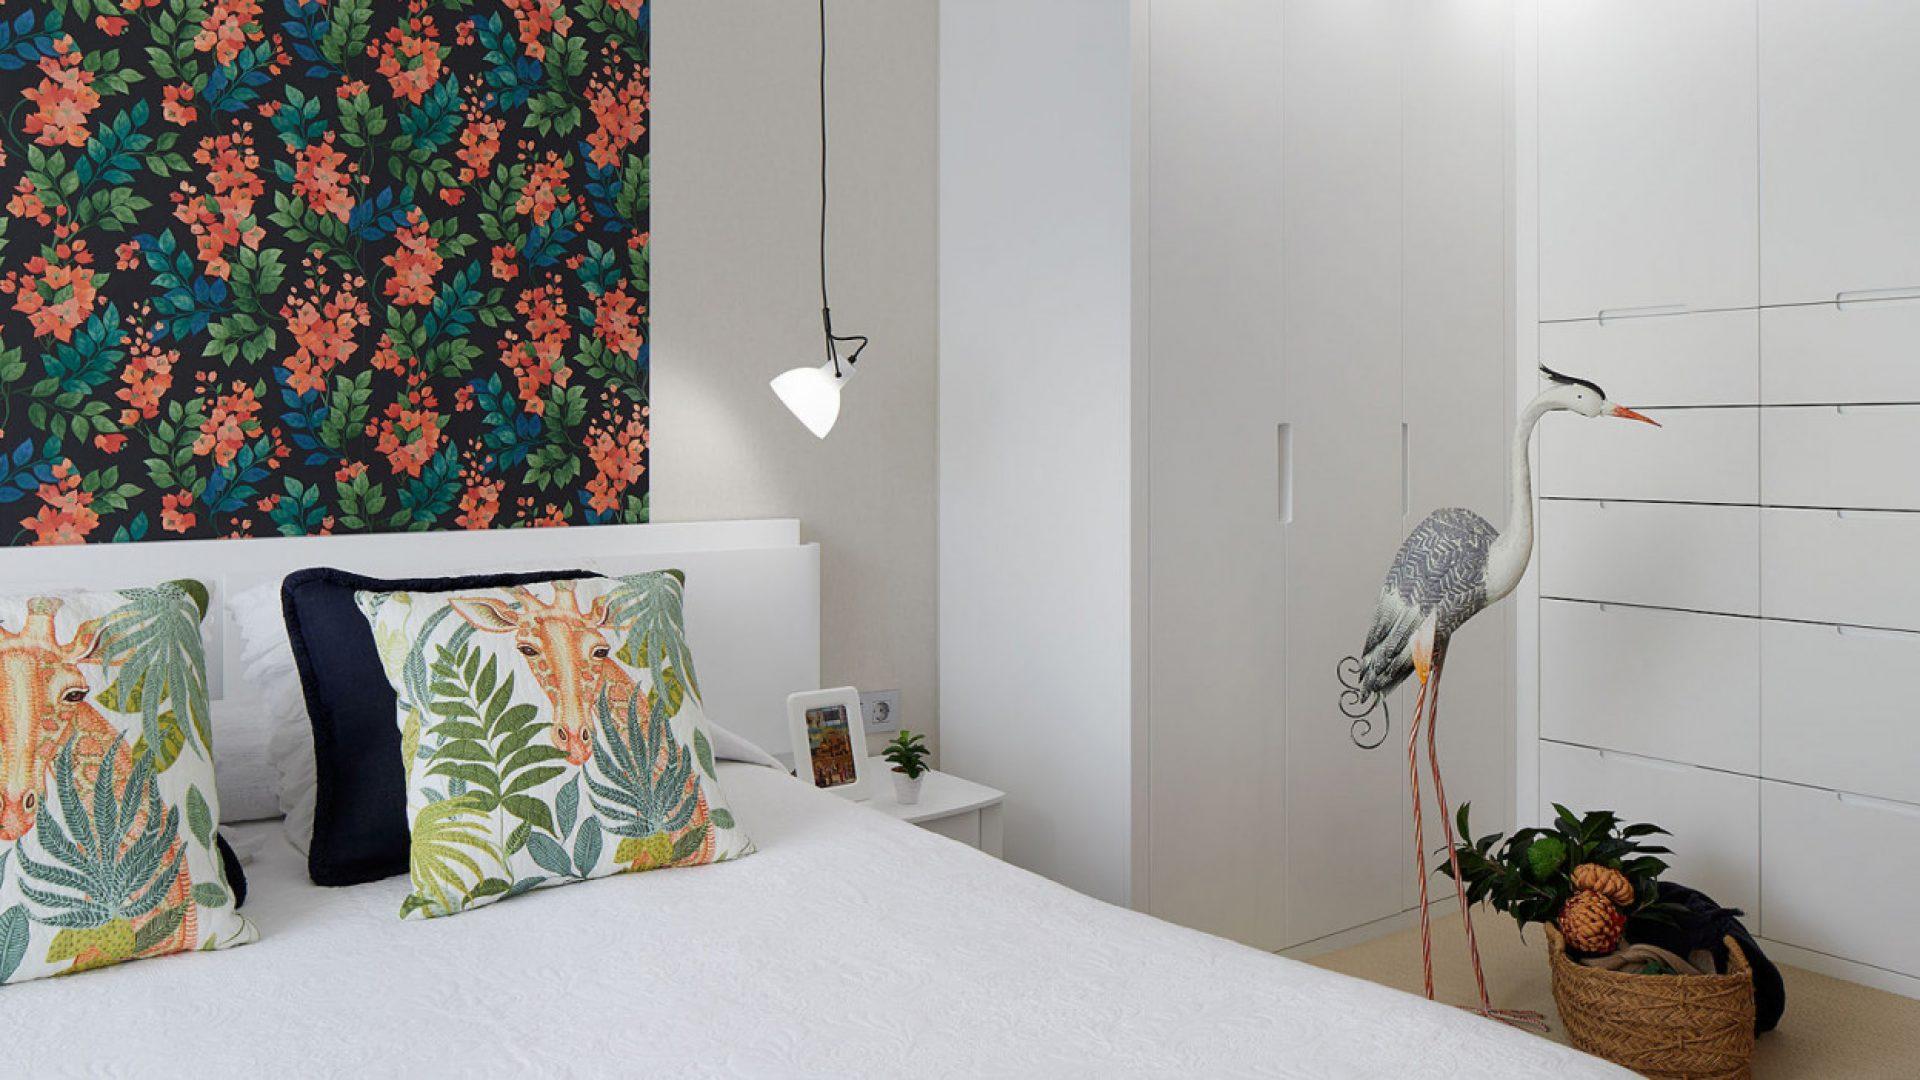 Portada reforma dormitorio Veranera